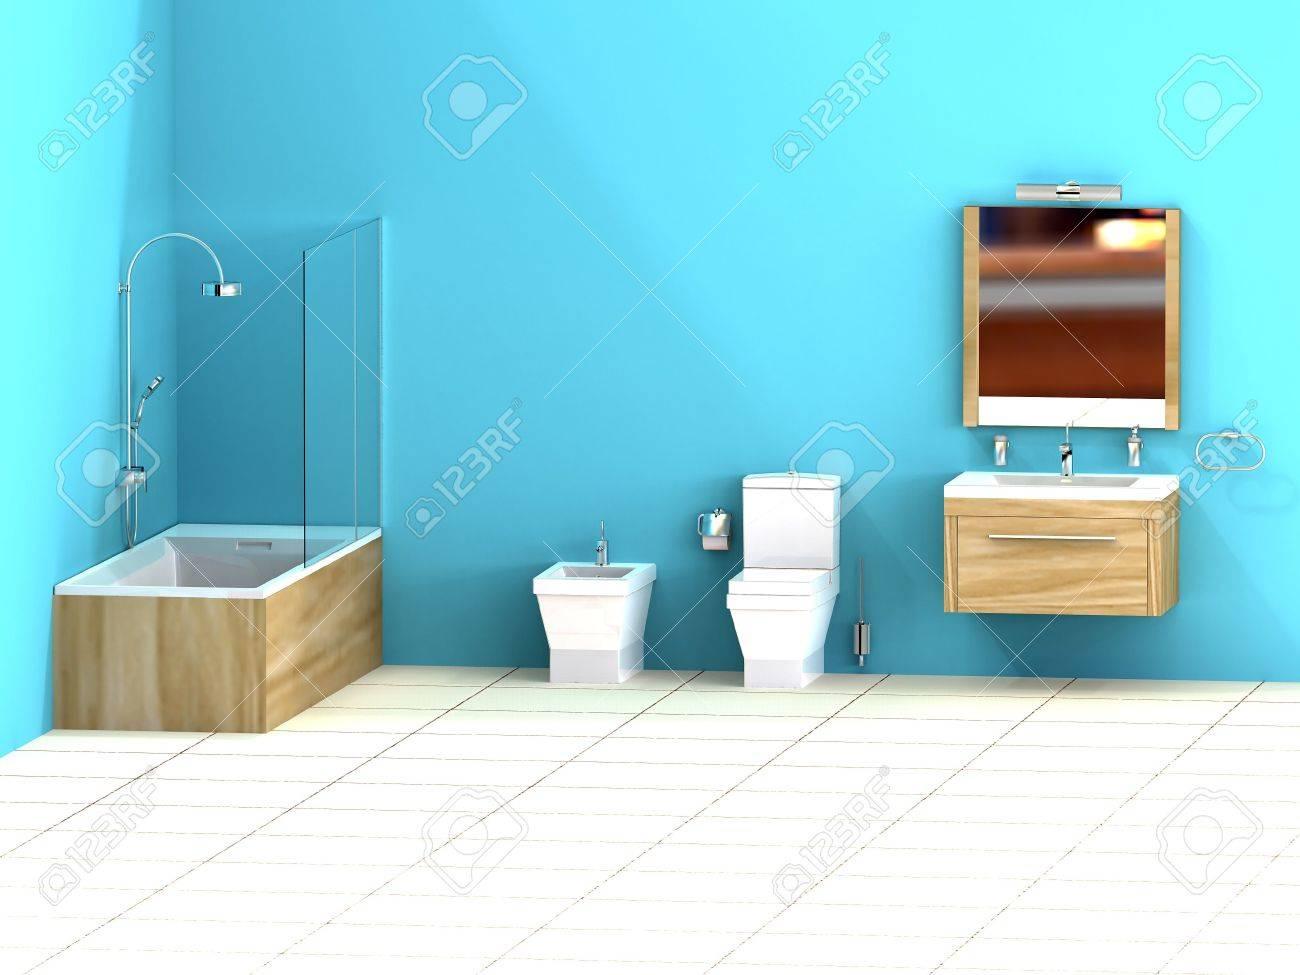 Piastrelle Bagno Turchese : Pavimenti bagno azzurro bagno azzurro theedwardgroup piastrella